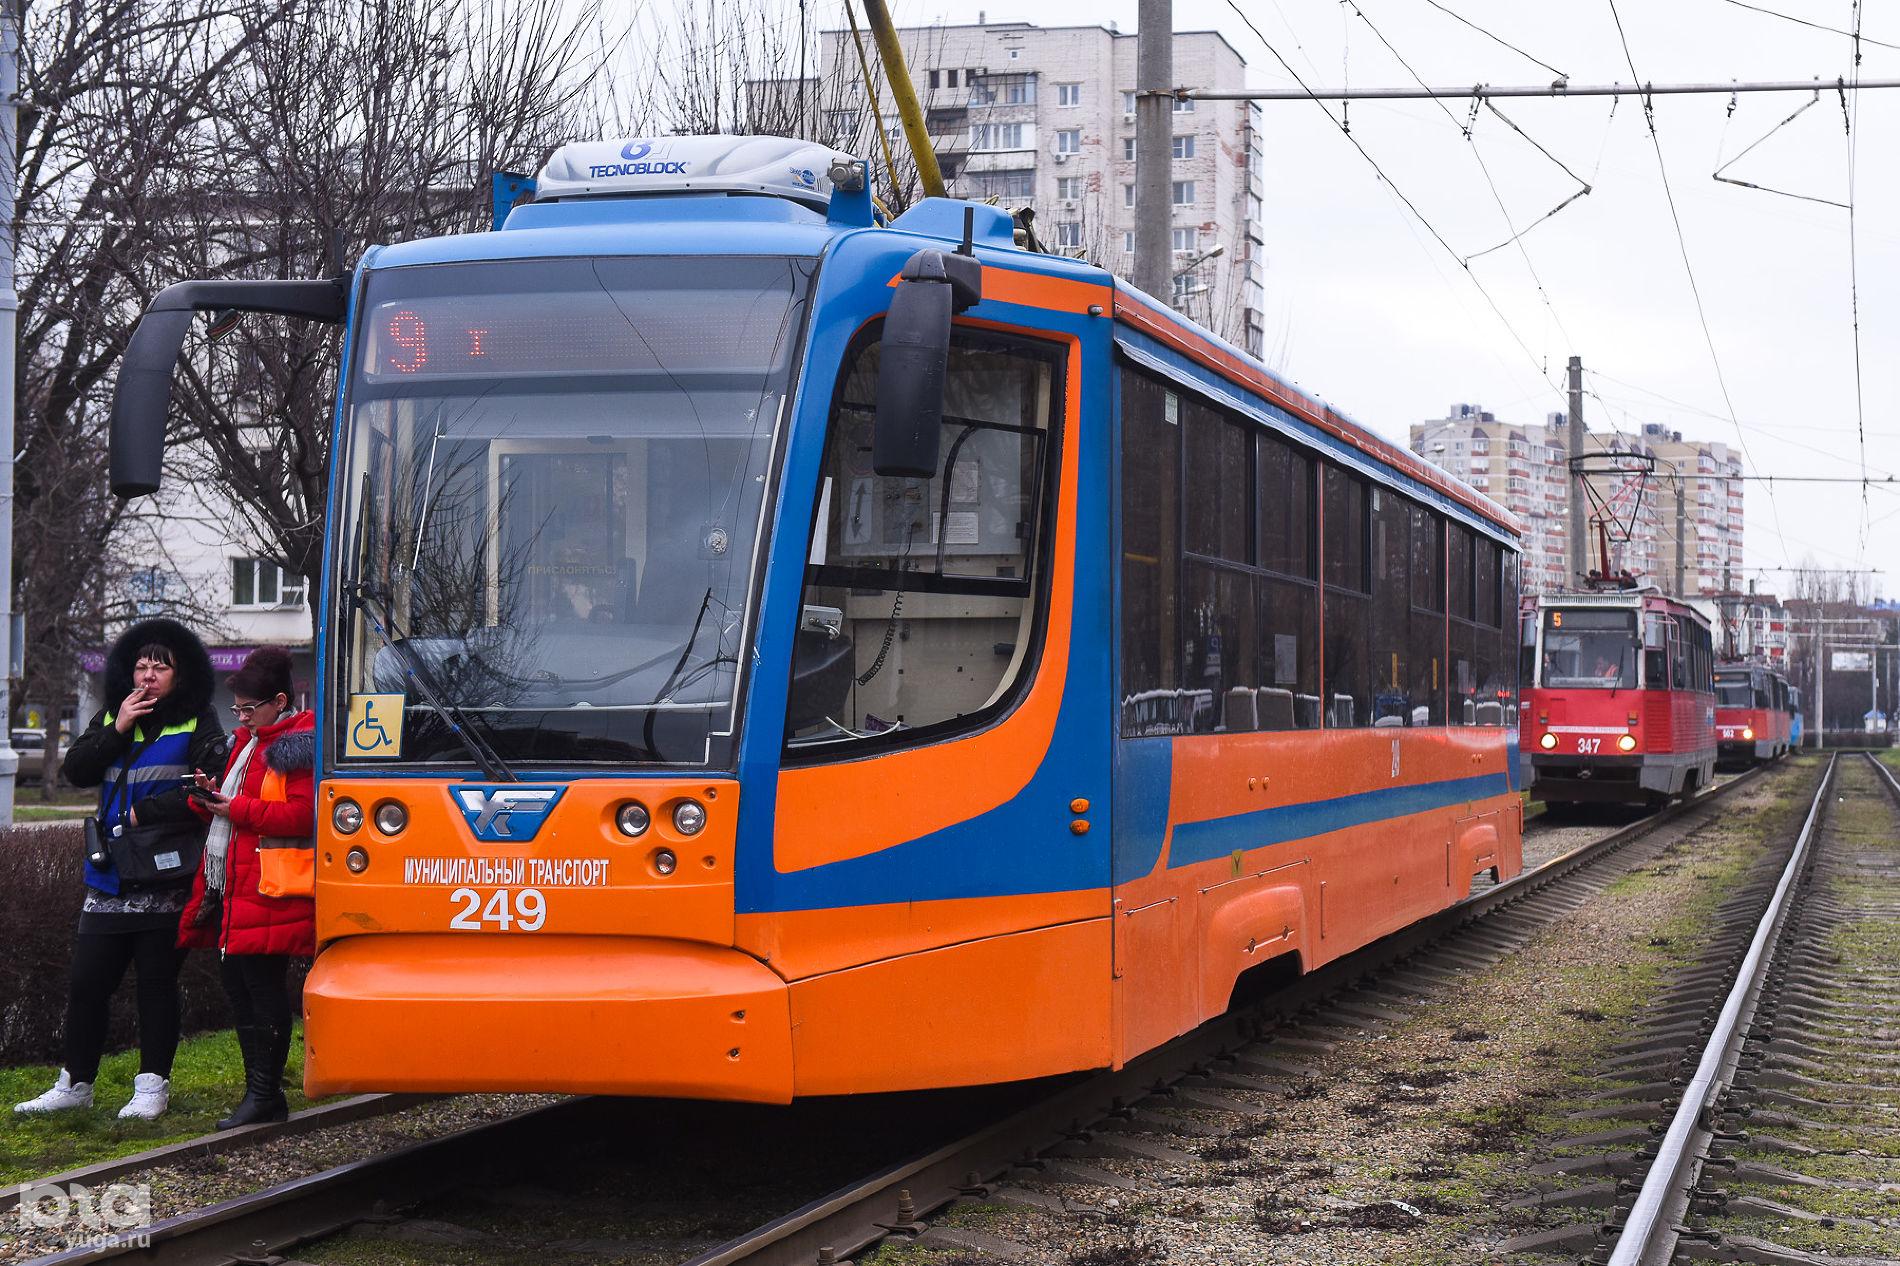 Трамвай модели 71-623 Усть-Катавского вагоностроительного завода ©Фото Елены Синеок, Юга.ру